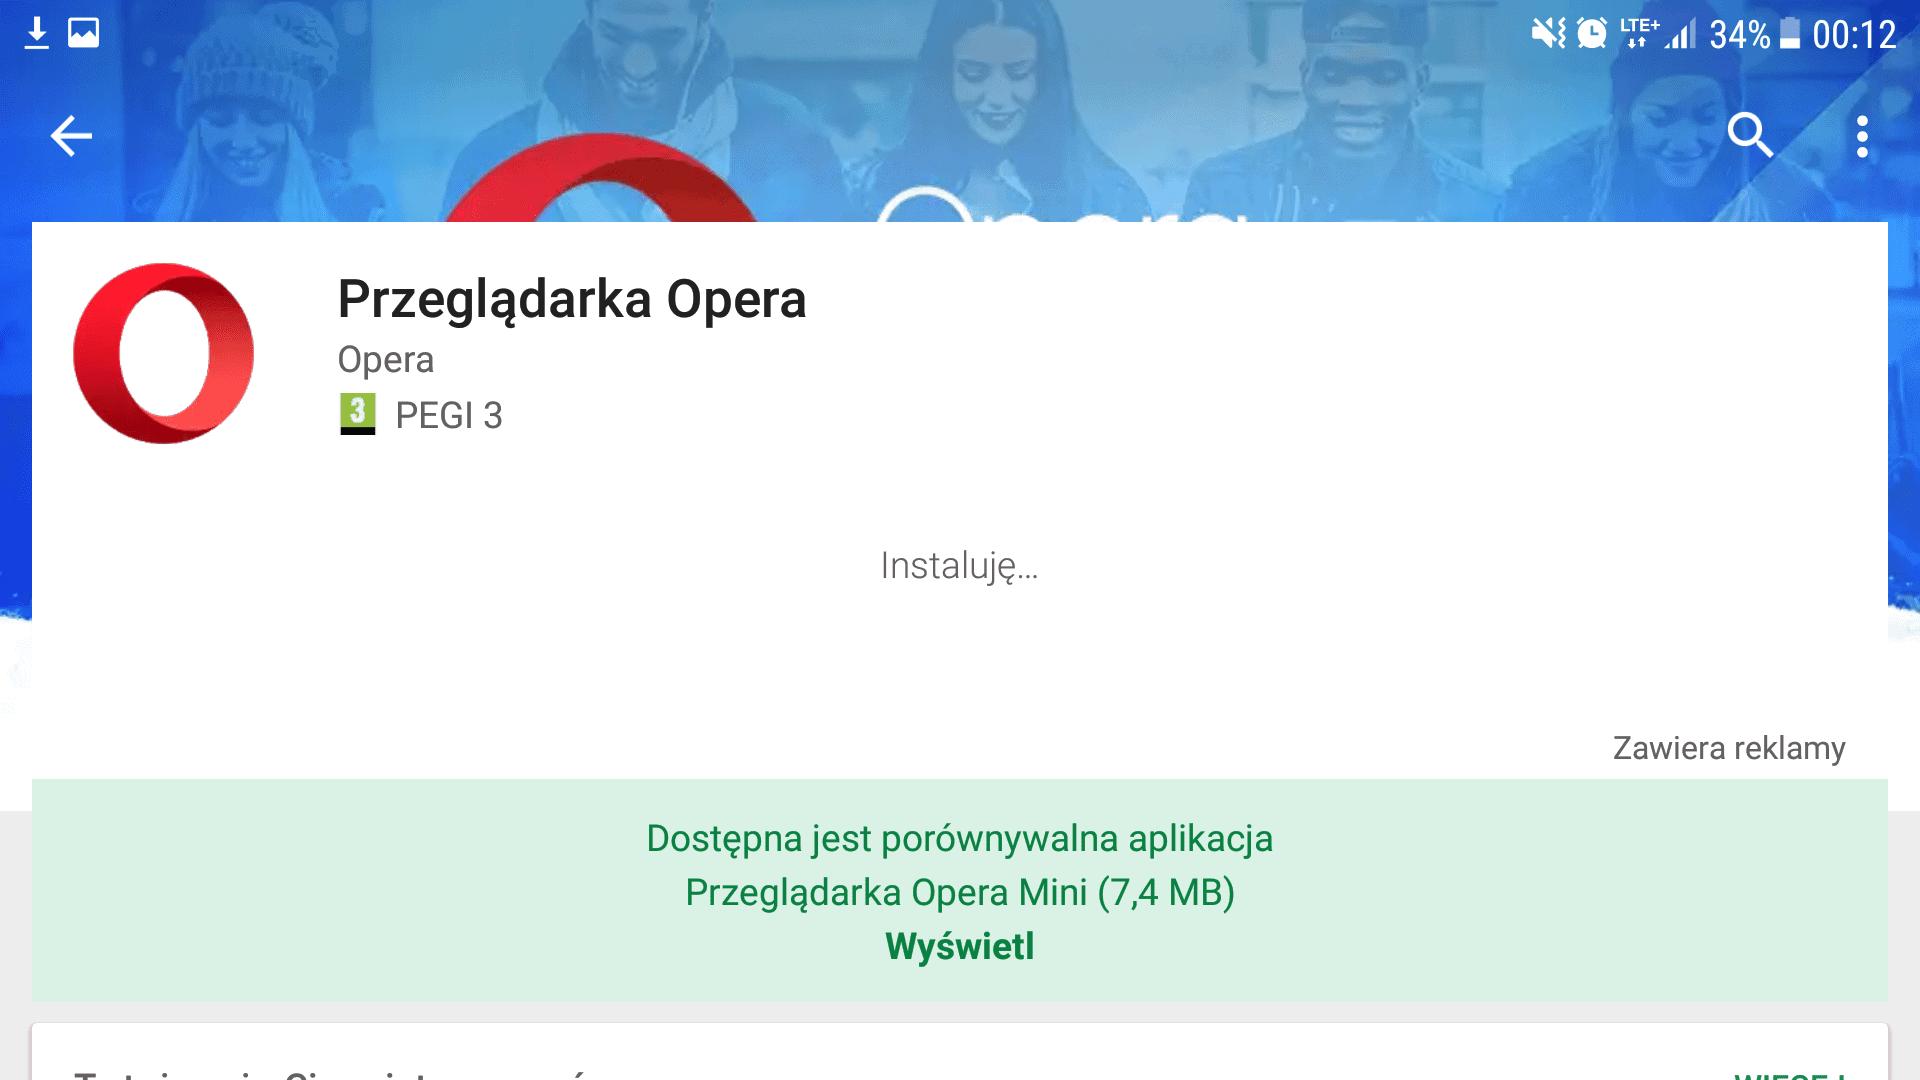 Informacja olżejszej wersji aplikacji naprzykładzie przeglądarki Opera